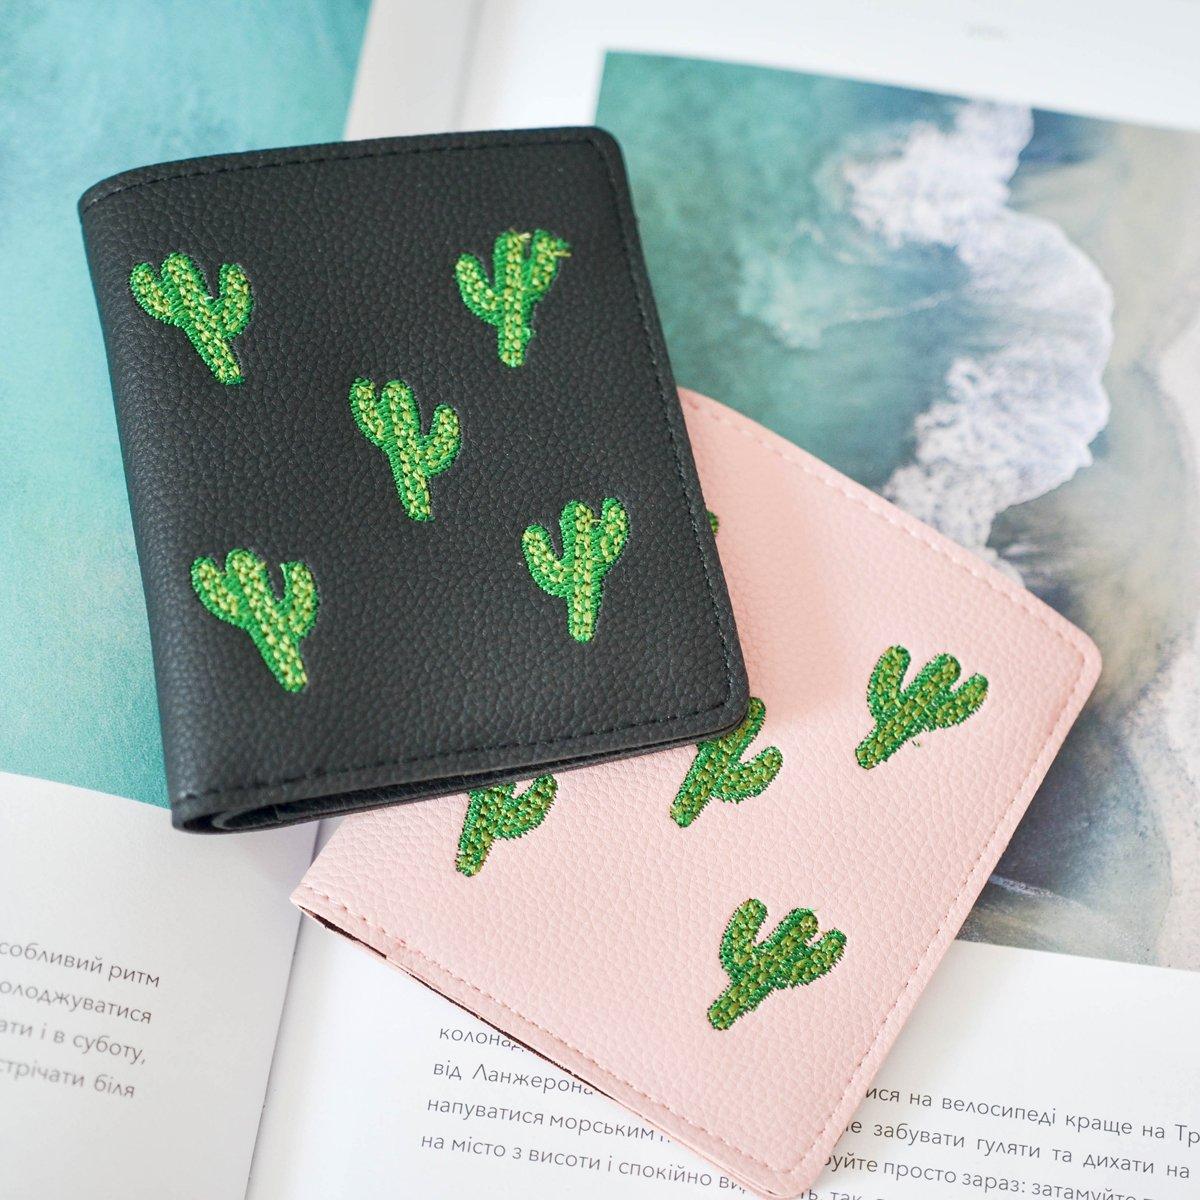 Интересные кошельки с кактусами